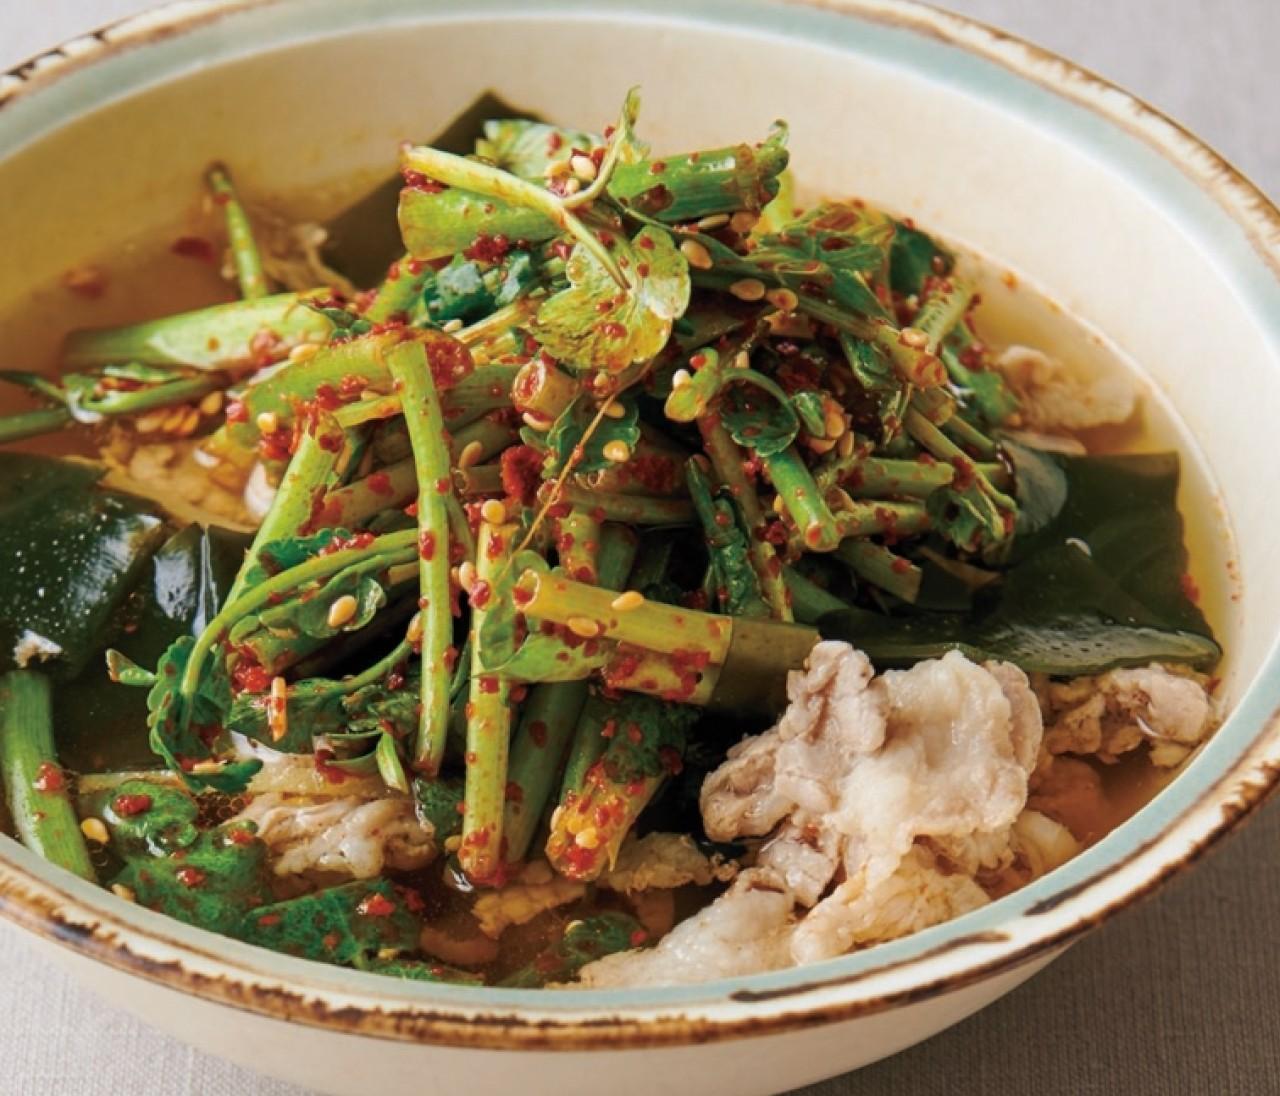 【温野菜レシピ】体を温めて免疫力アップ「セリのナムル風スープ」